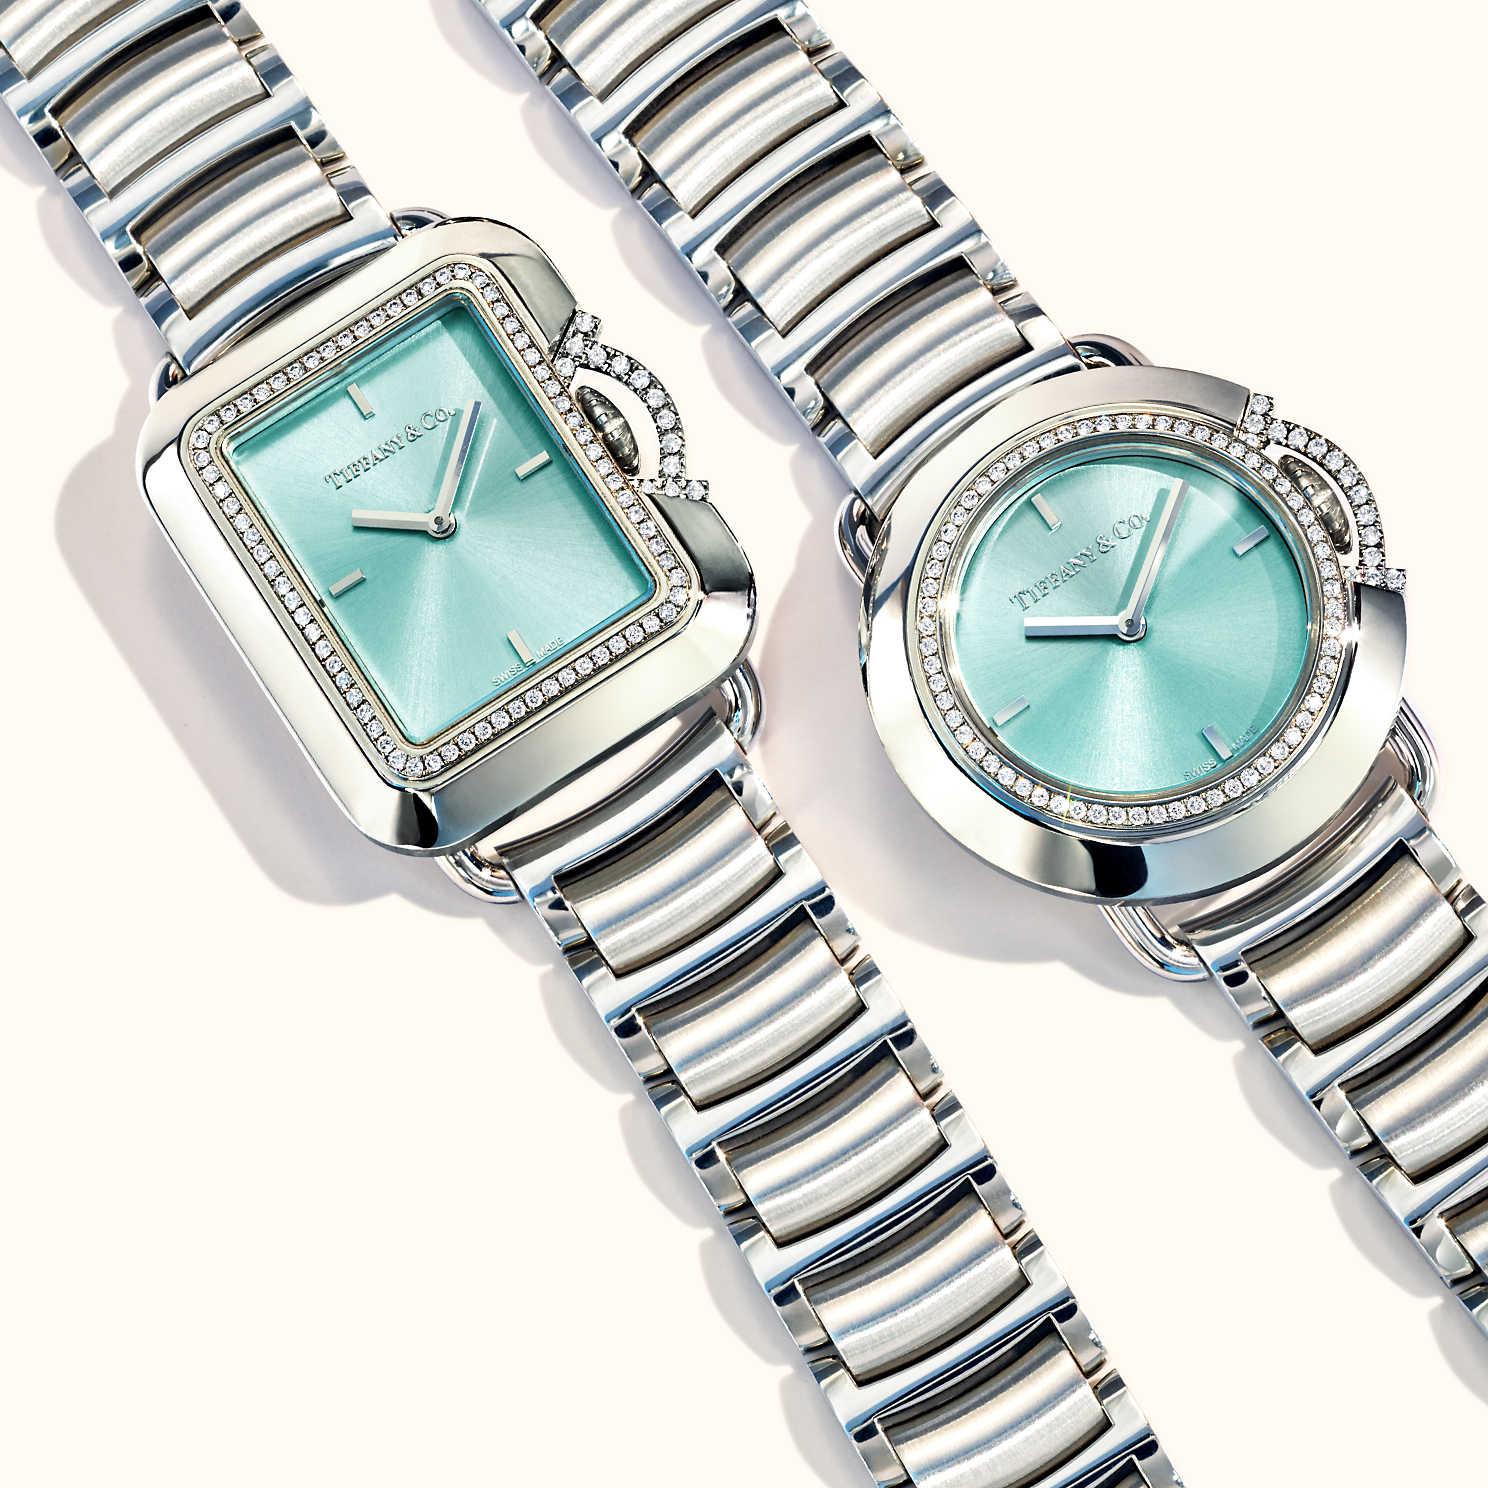 Tiffany & Co. presenta La hora del T: su nueva colección de relojes